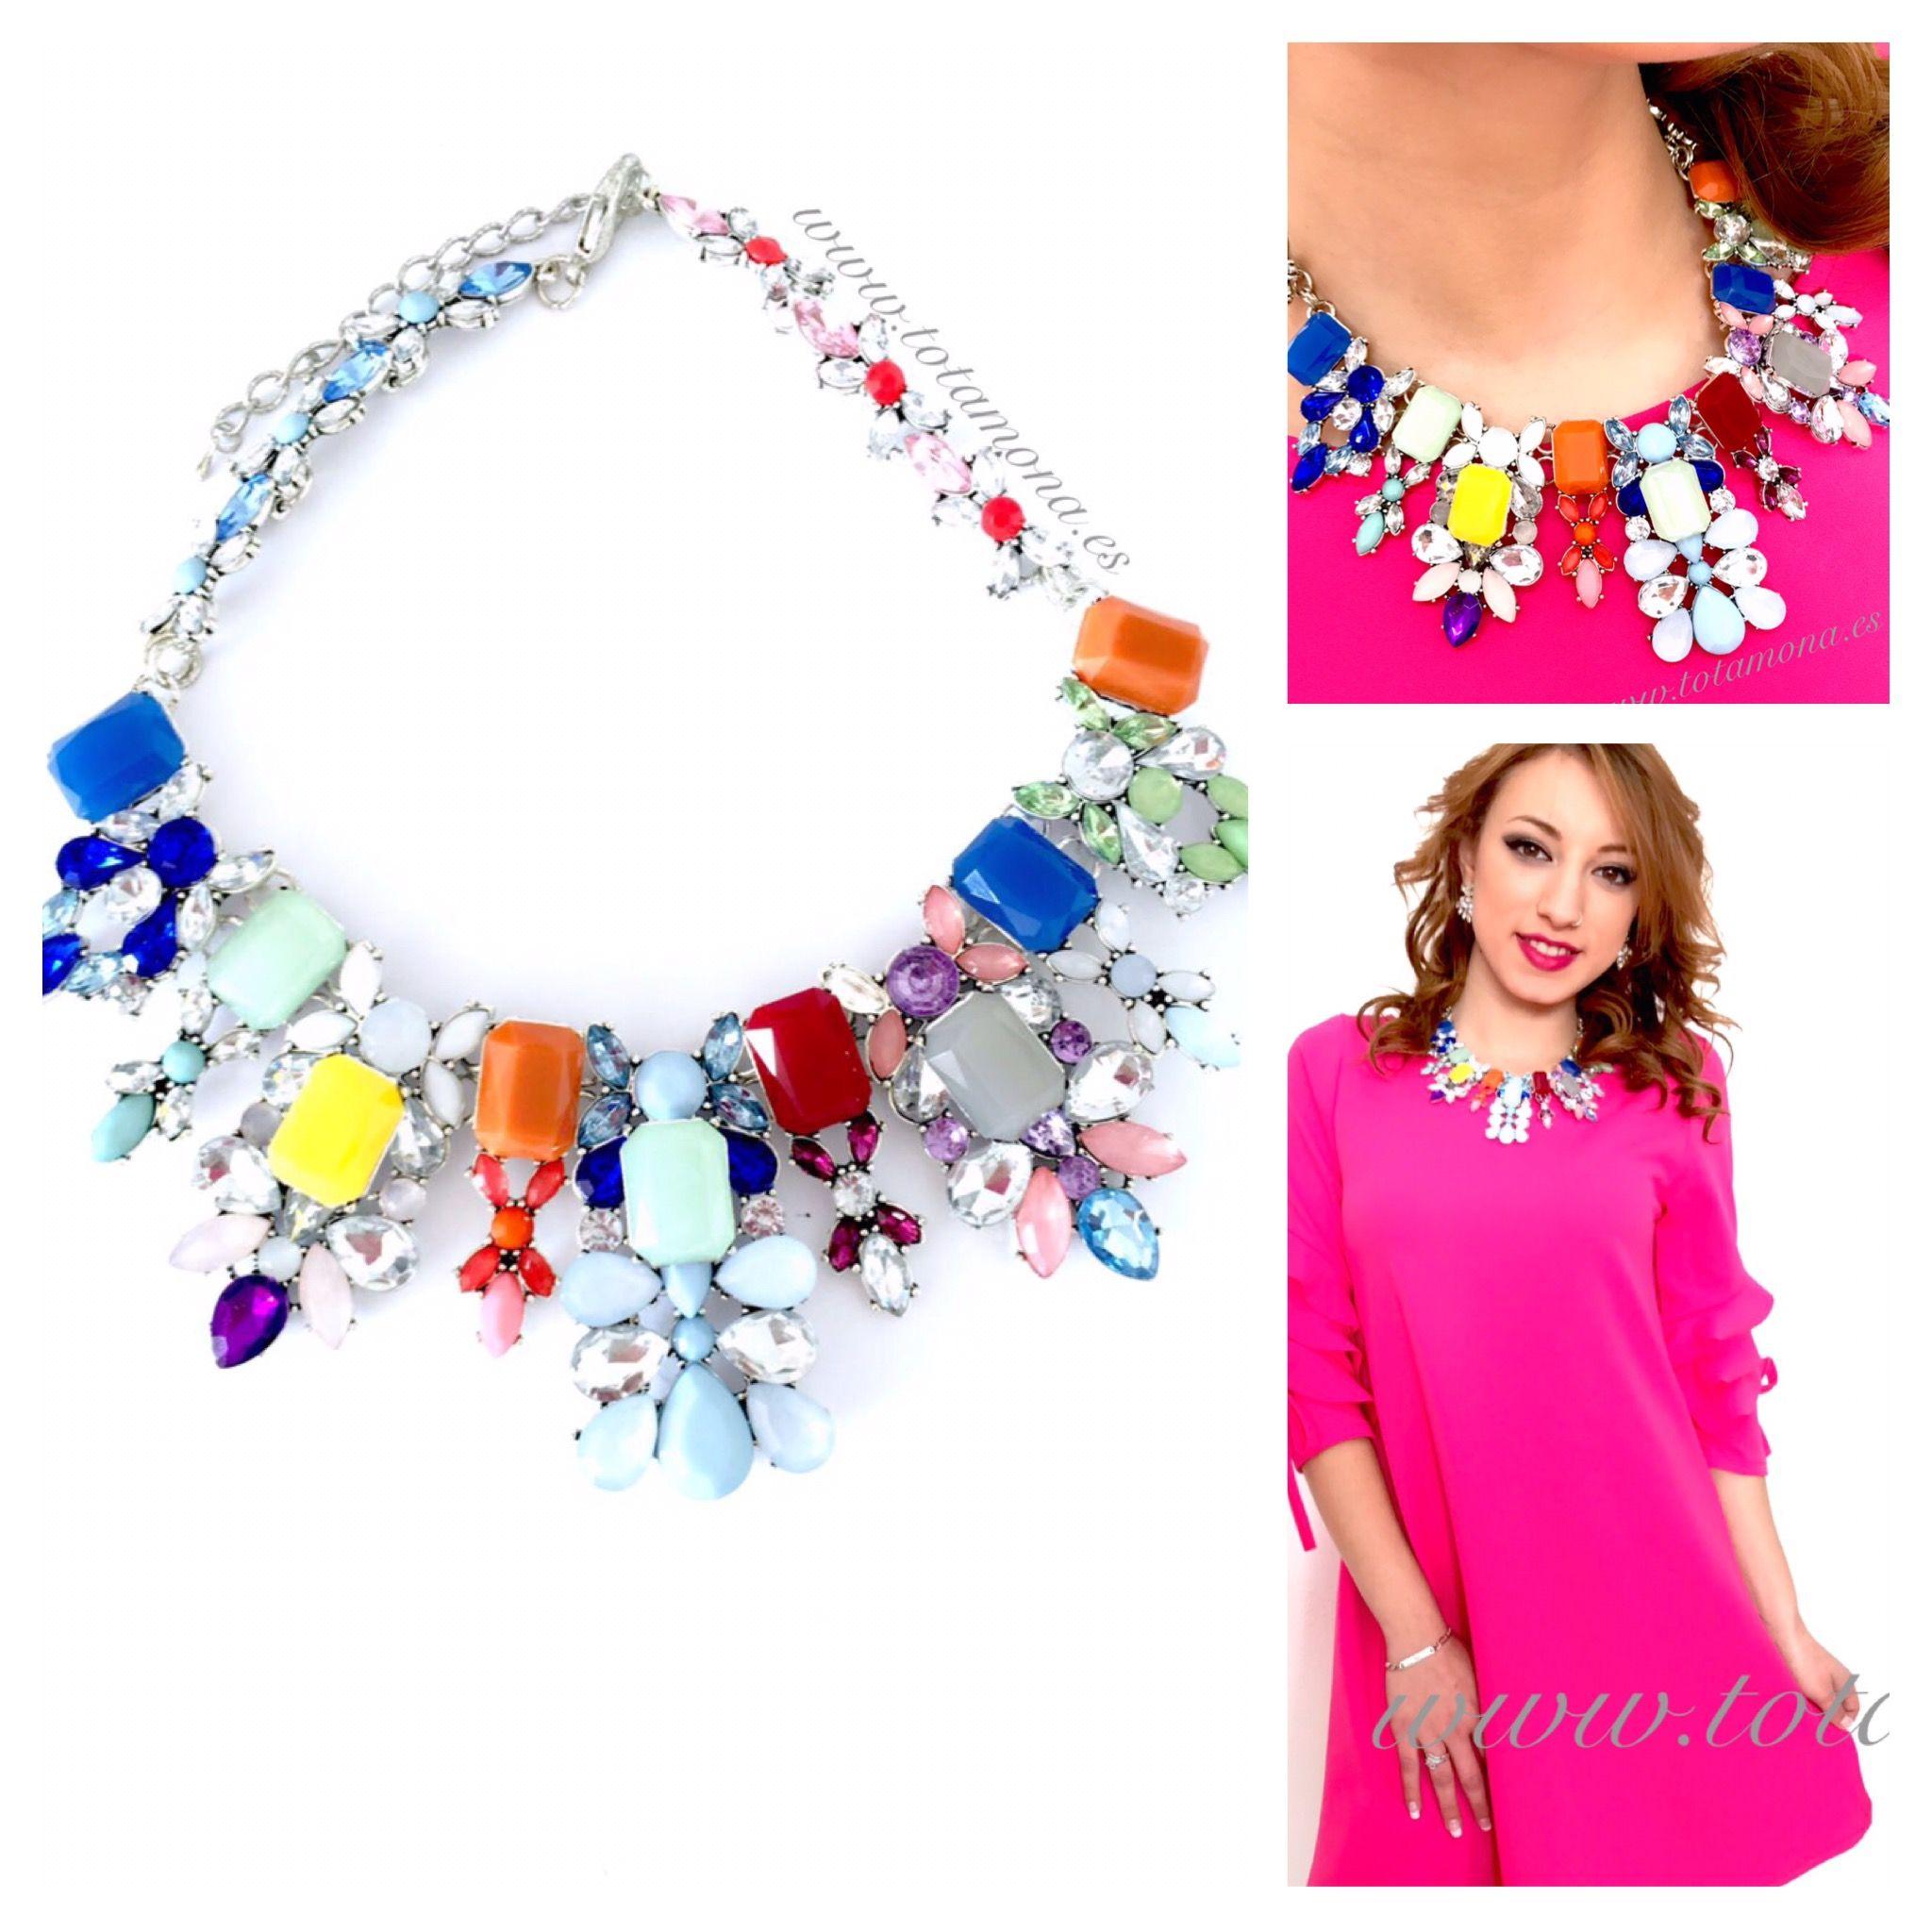 Monadas !! Qué tal va el día ?? 😍 Nosotras súper encantadas con las novedades !! 😍😍😍 Que os parece este collar ?? Súper colorido súper ideal para los nuevos vestiditos 💋  Quieres el tuyo? CÓMPRALO YA 👉🏻 www.totamona.es 💕